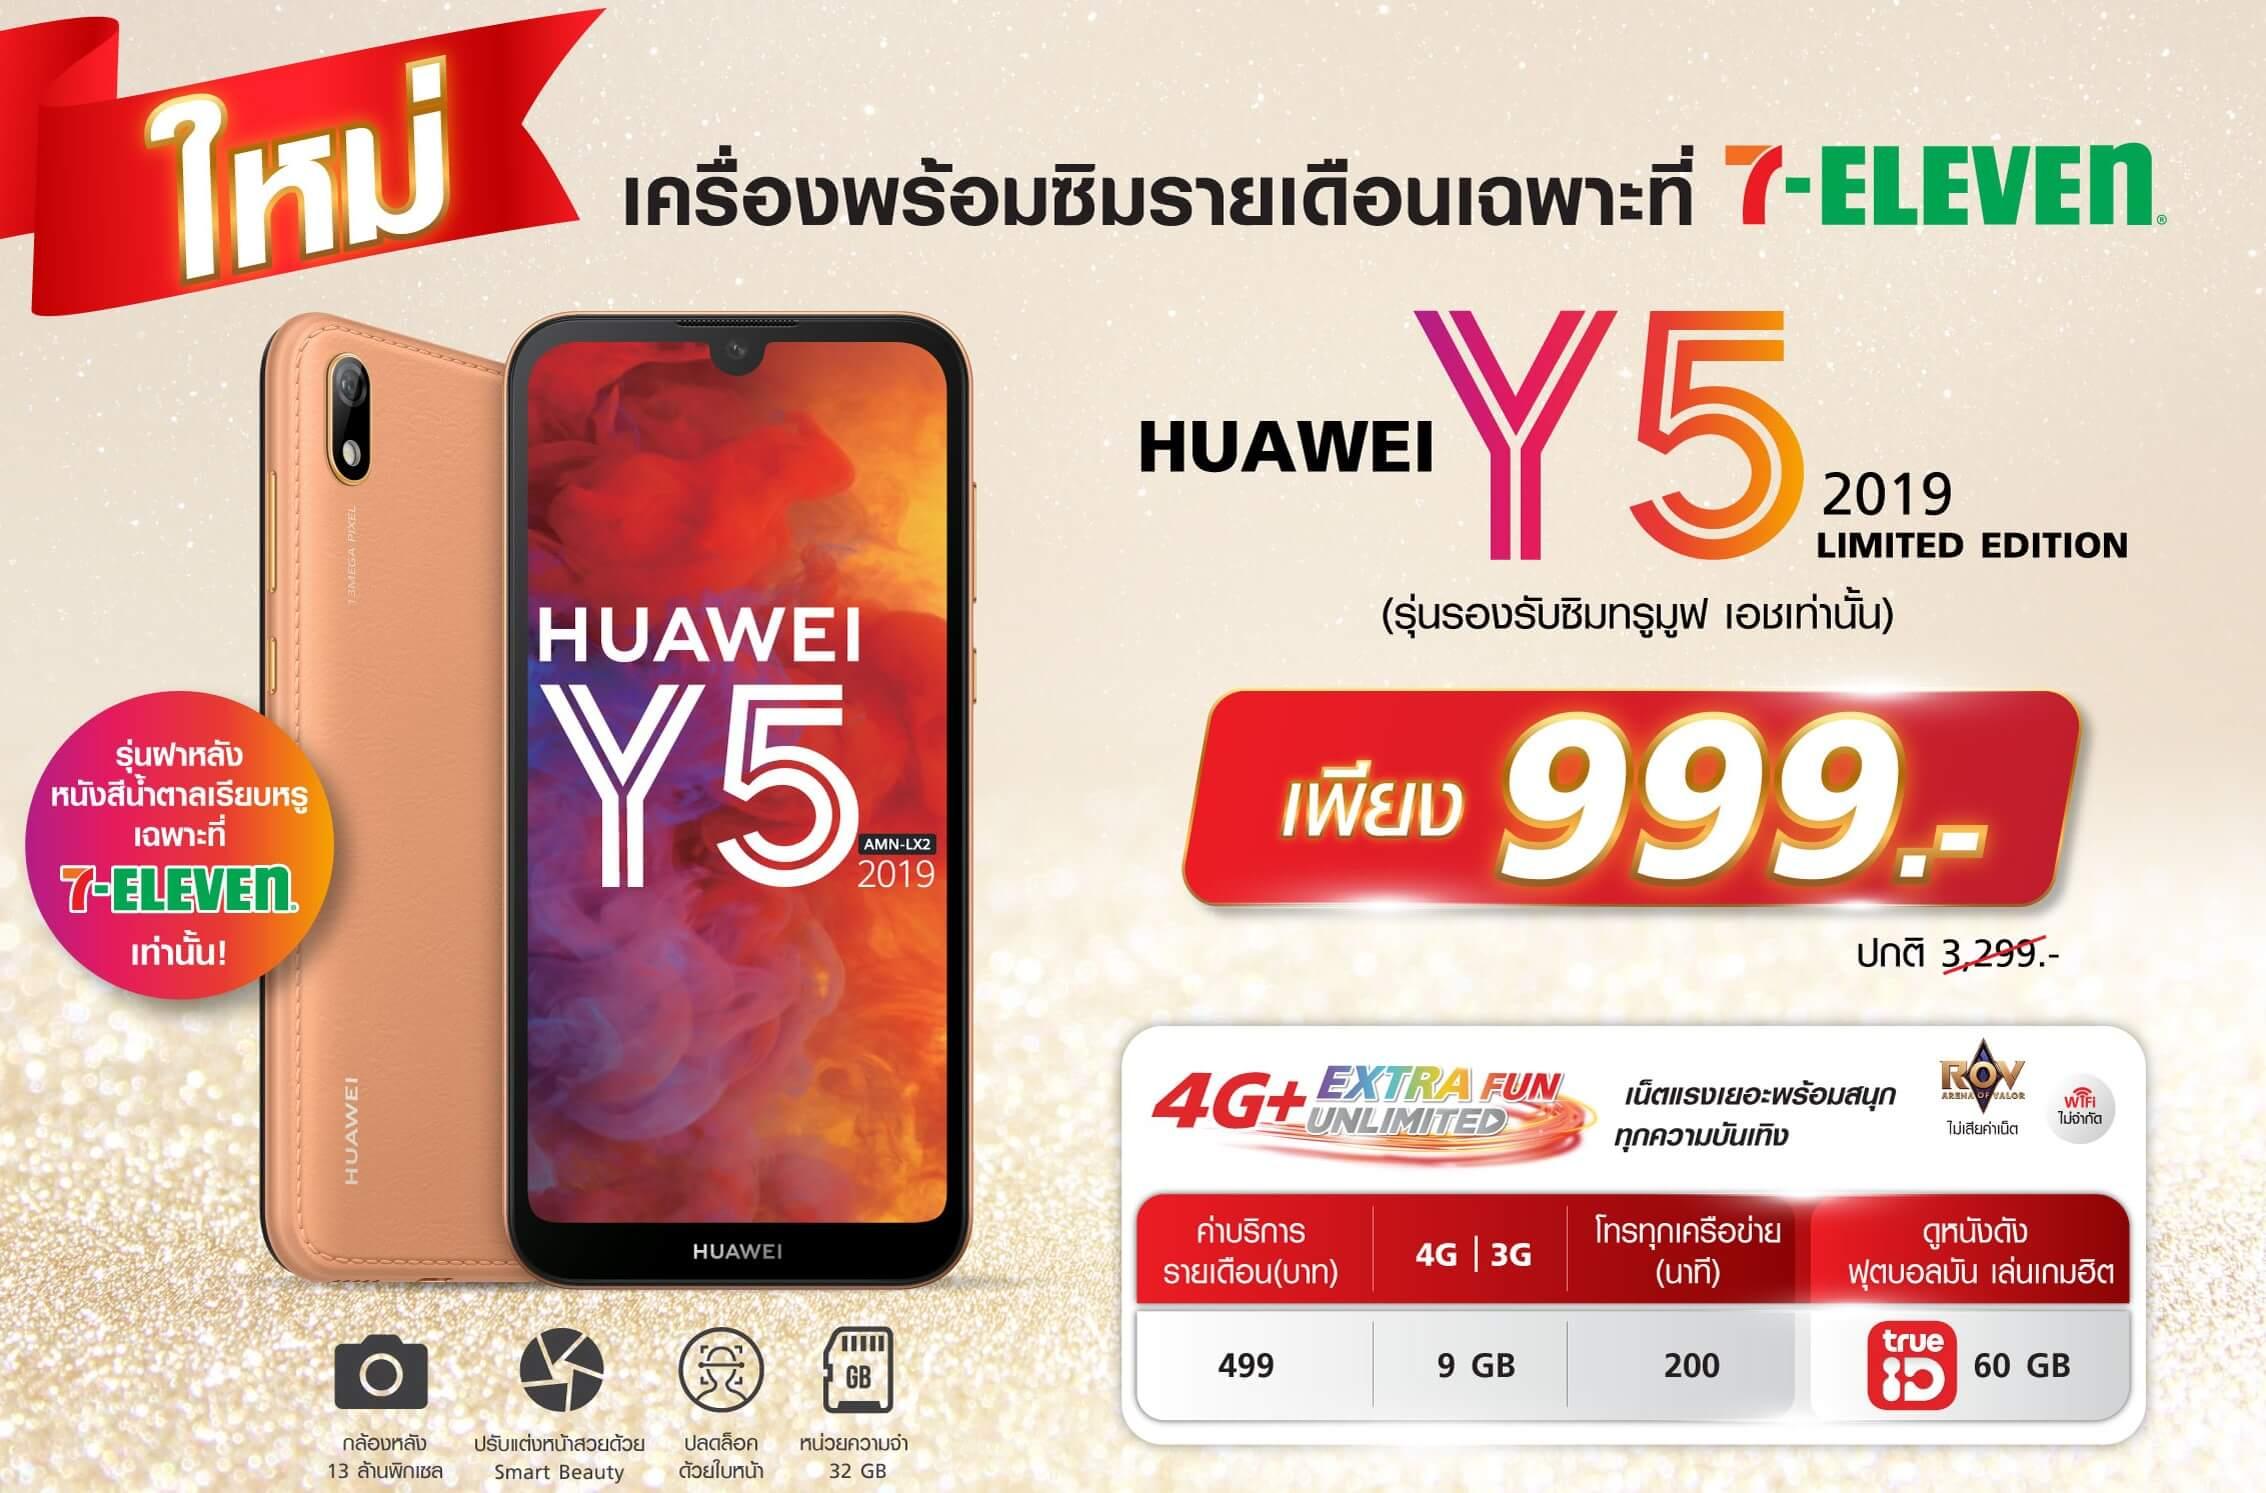 จ่าย  999 บาท ก็ได้มือถือ Huawei Y5 2019 Limited Edition + ซิมรายเดือน True ที่ 7-ELEVEN (วันนี้ – 29 ก.พ. 63)